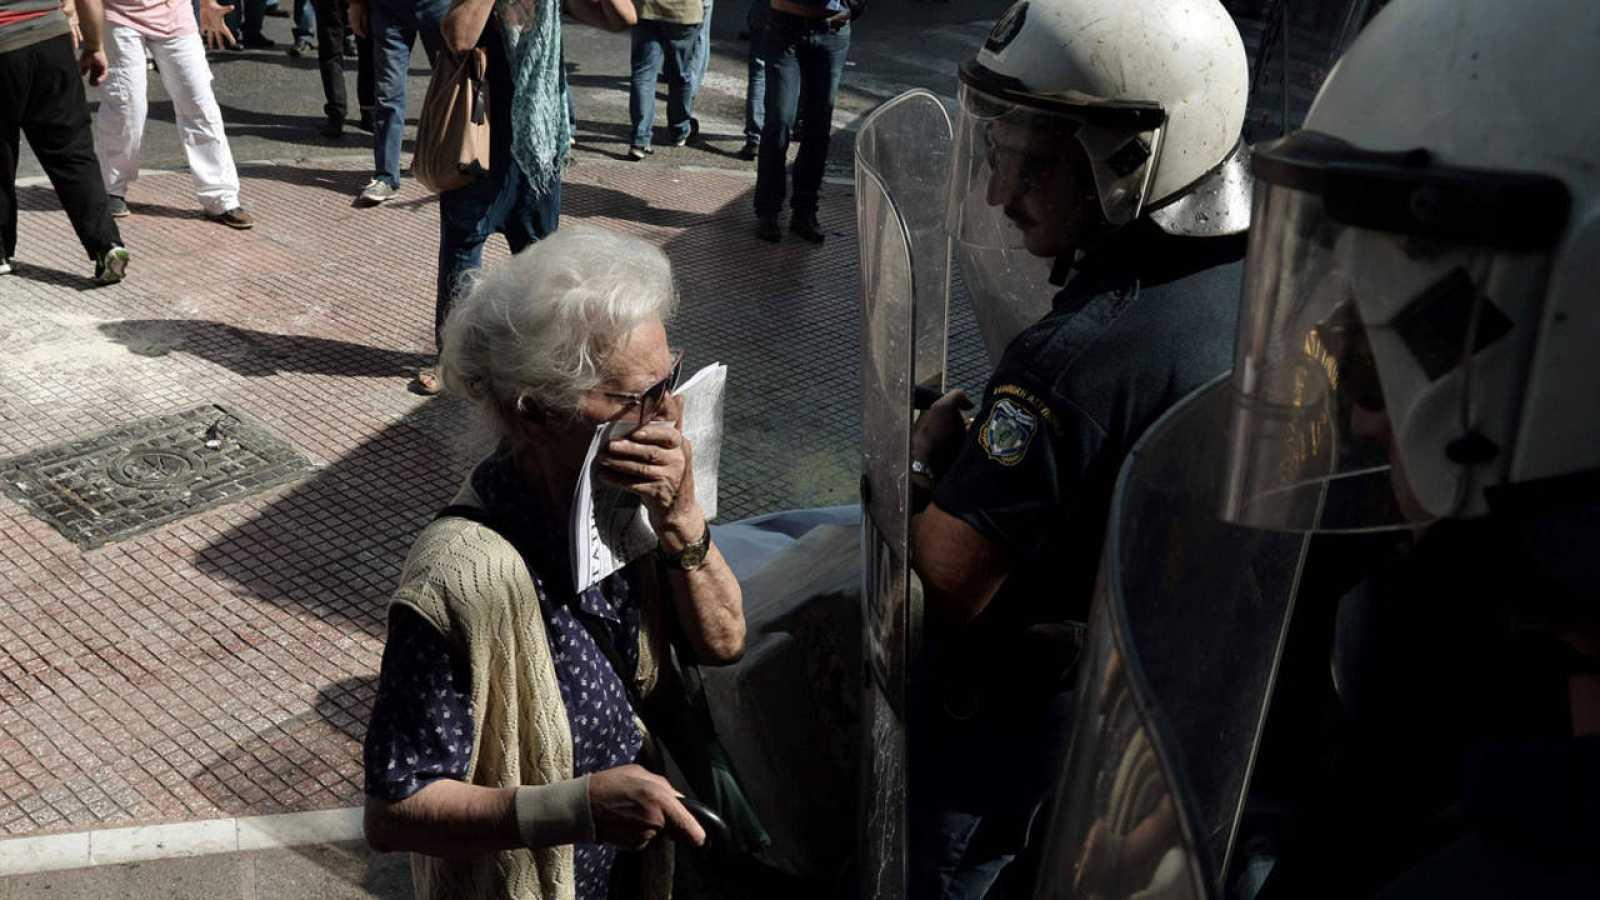 Una pensionista griega intenta respirar a través de un pañuelo frente a los antidisturbios